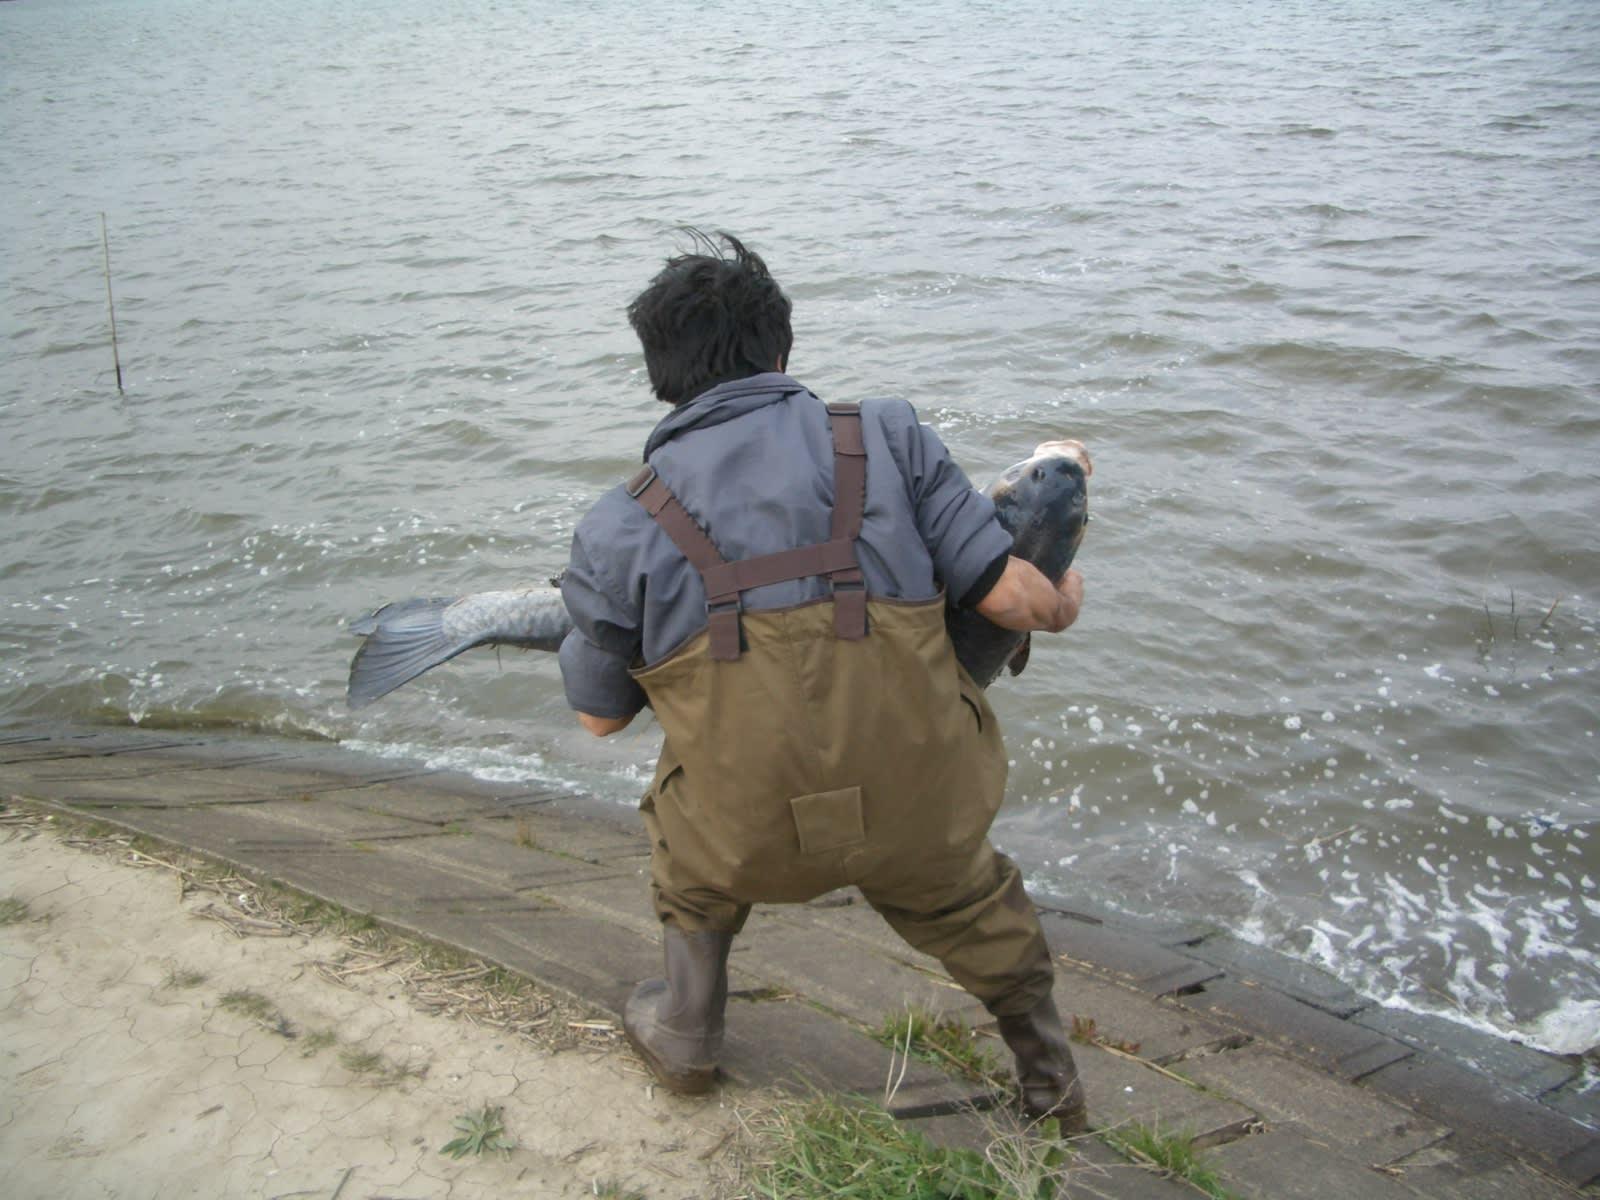 川の巨大魚 アオウオ - 小見川 高橋つり具 ブログ